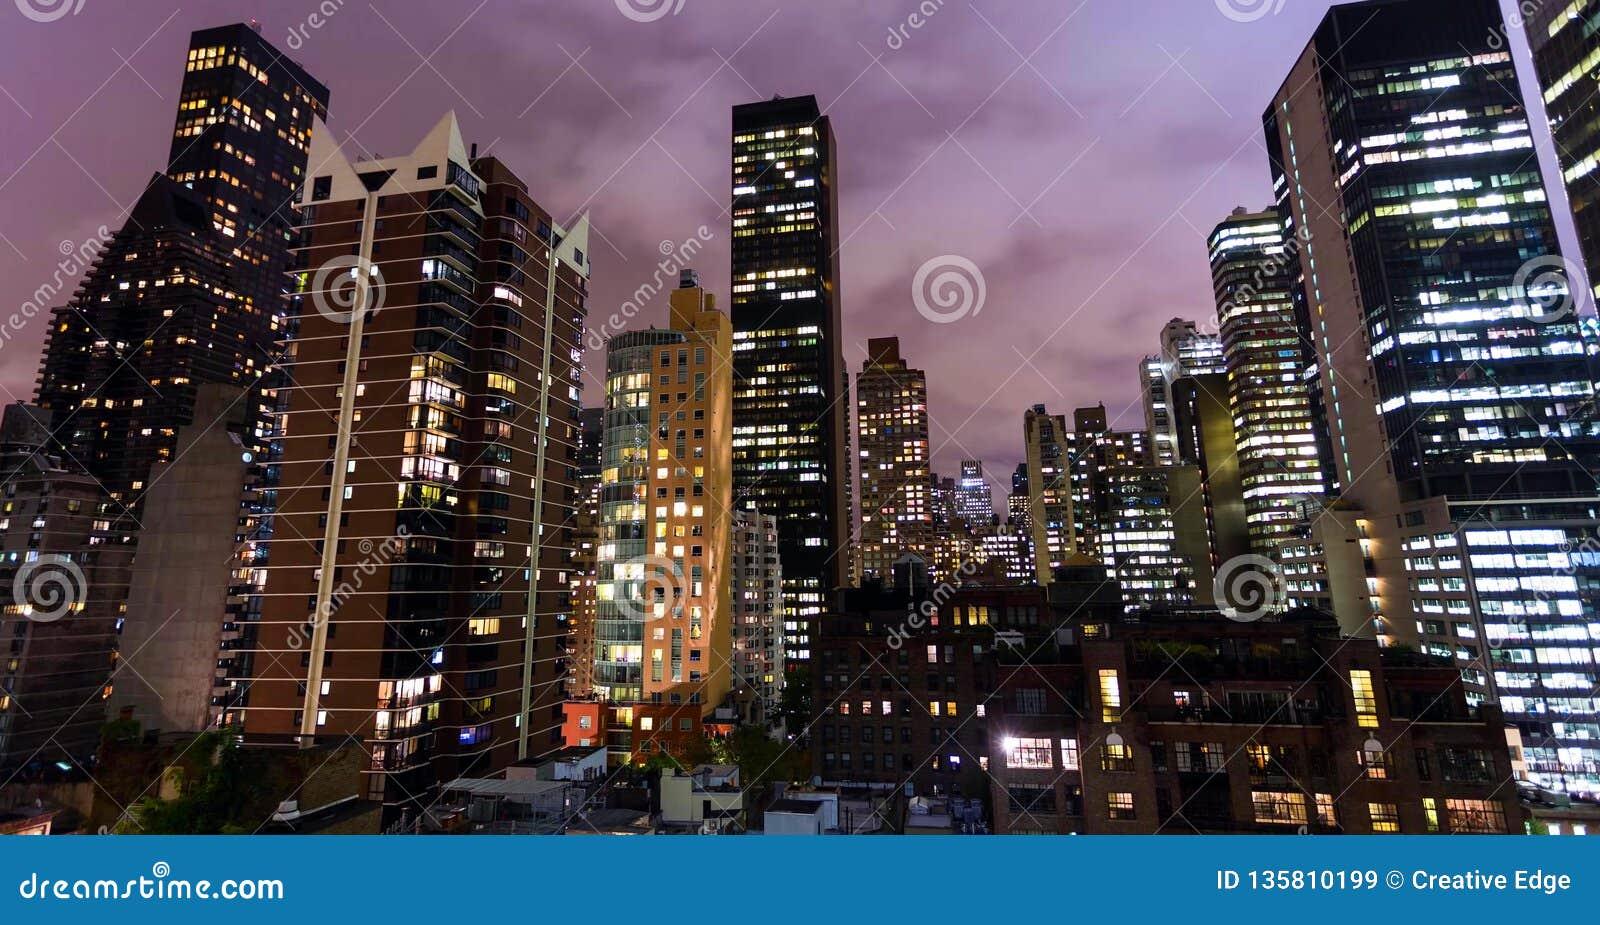 Archivbild der Skyline von New York, USA